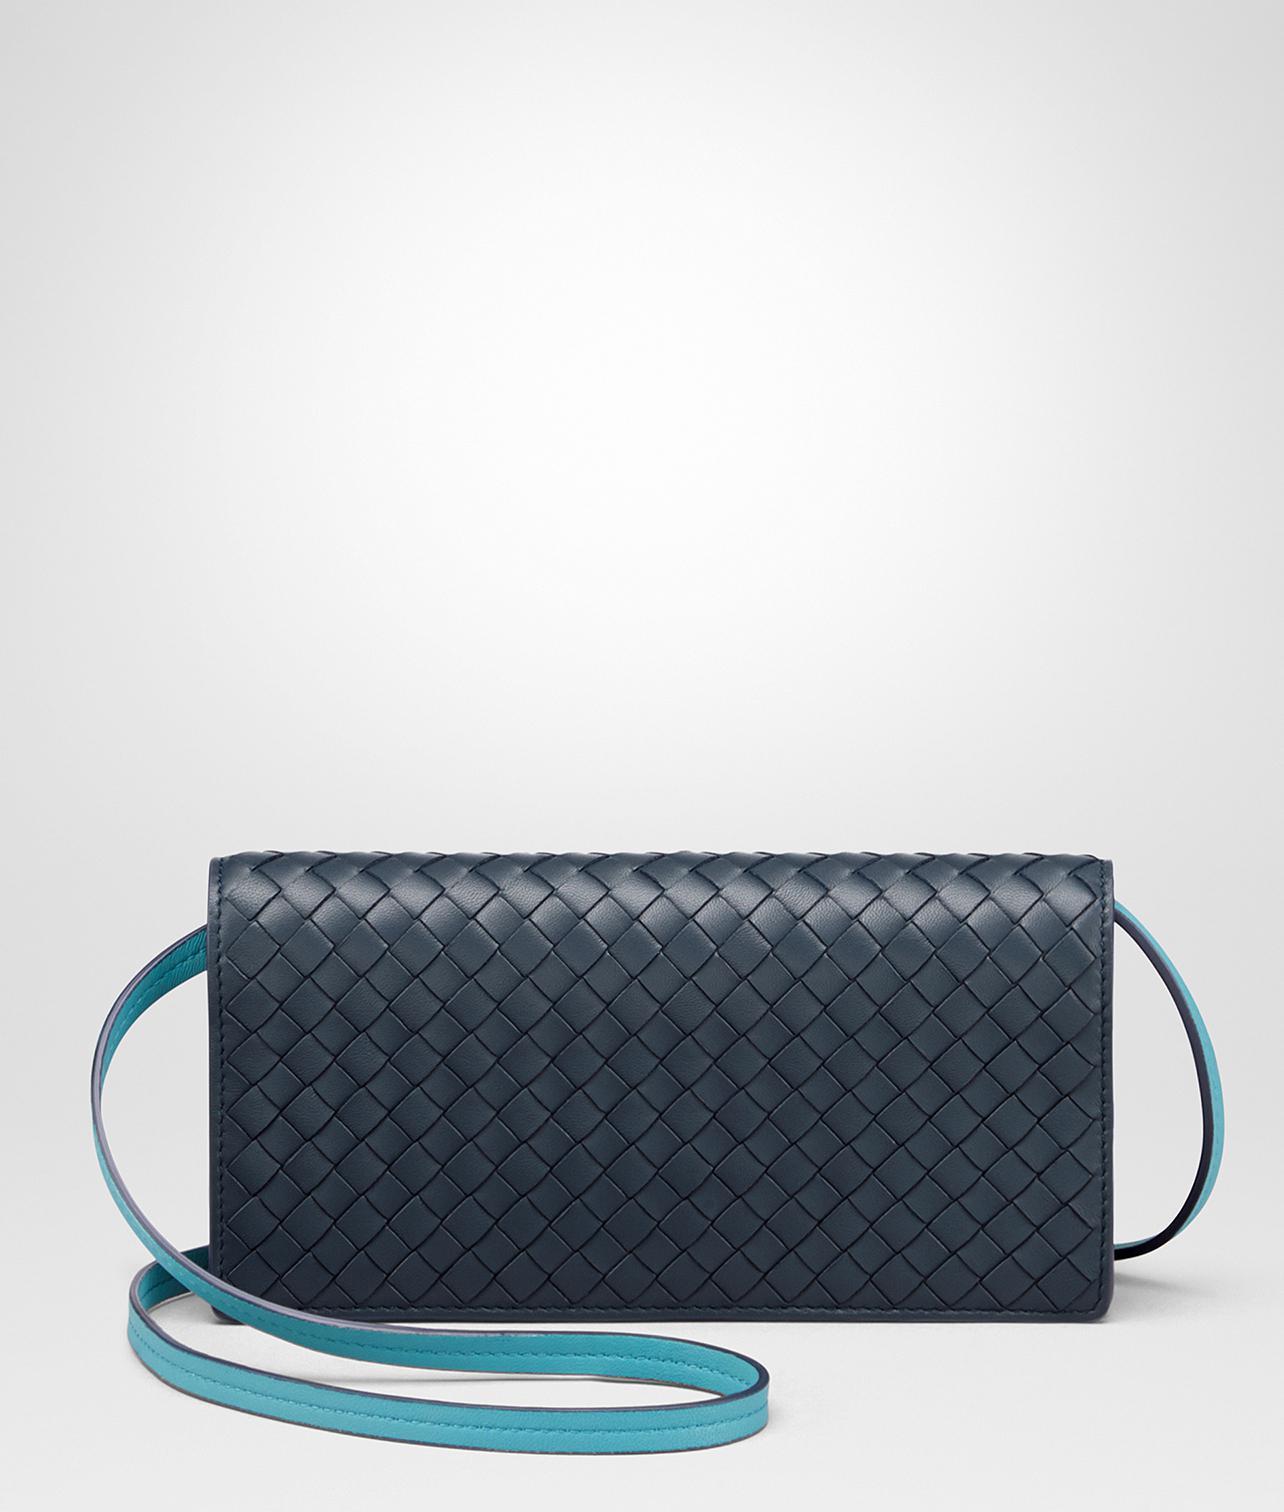 91afb6c1e38 Lyst - Bottega Veneta Denim Intrecciato Nappa Continental Wallet in Blue